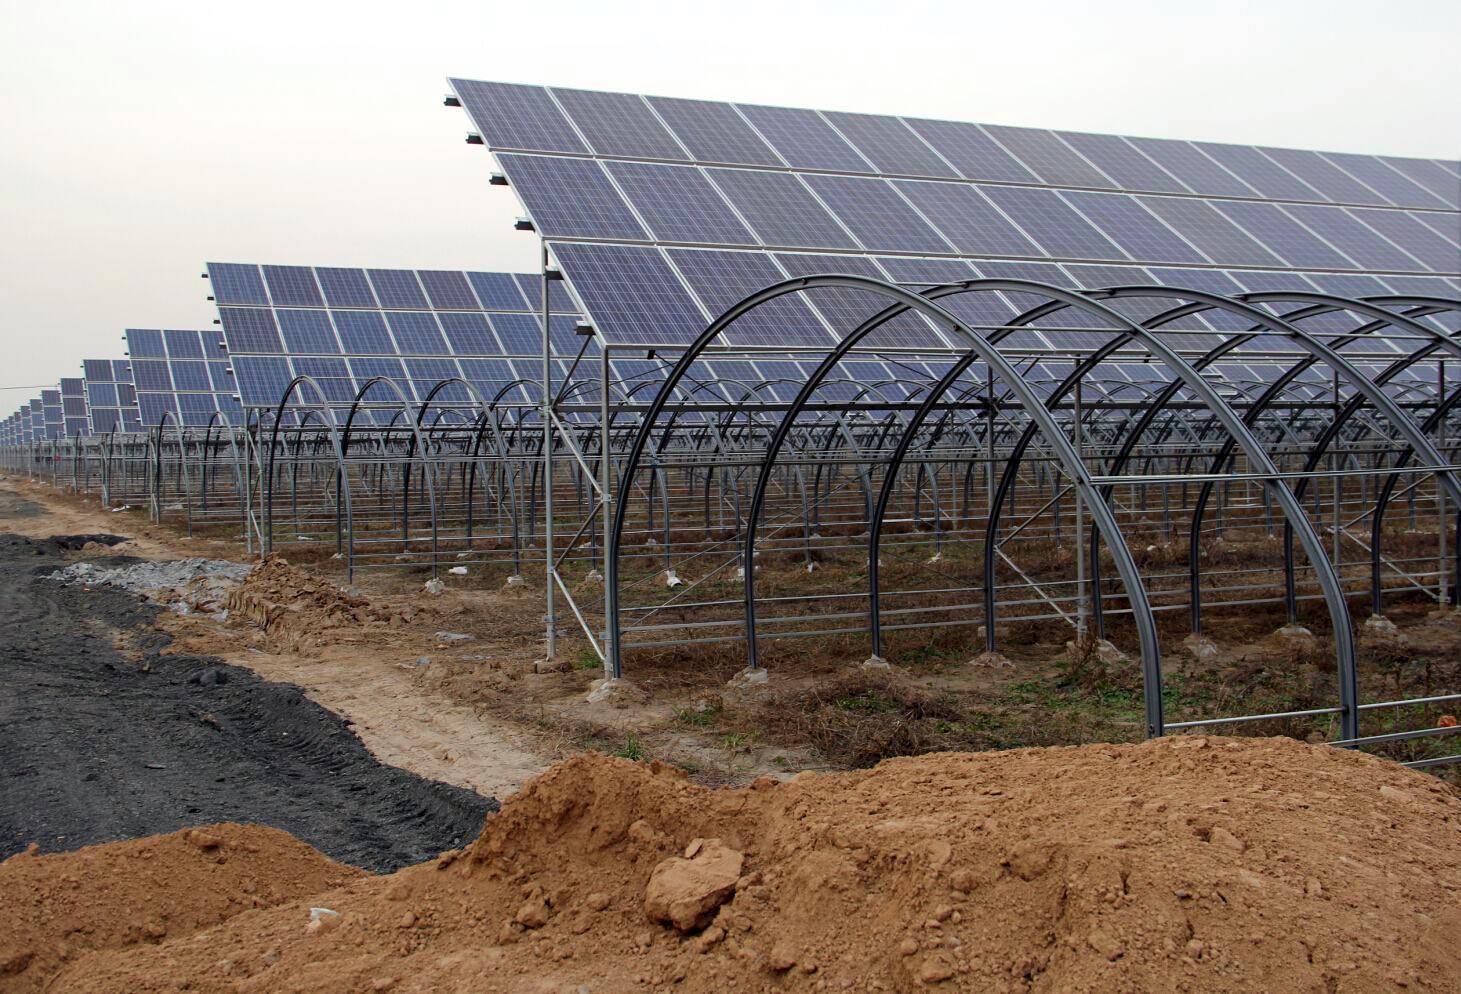 既能发电又能种植的温室大棚,还真是不一样的设计方案.